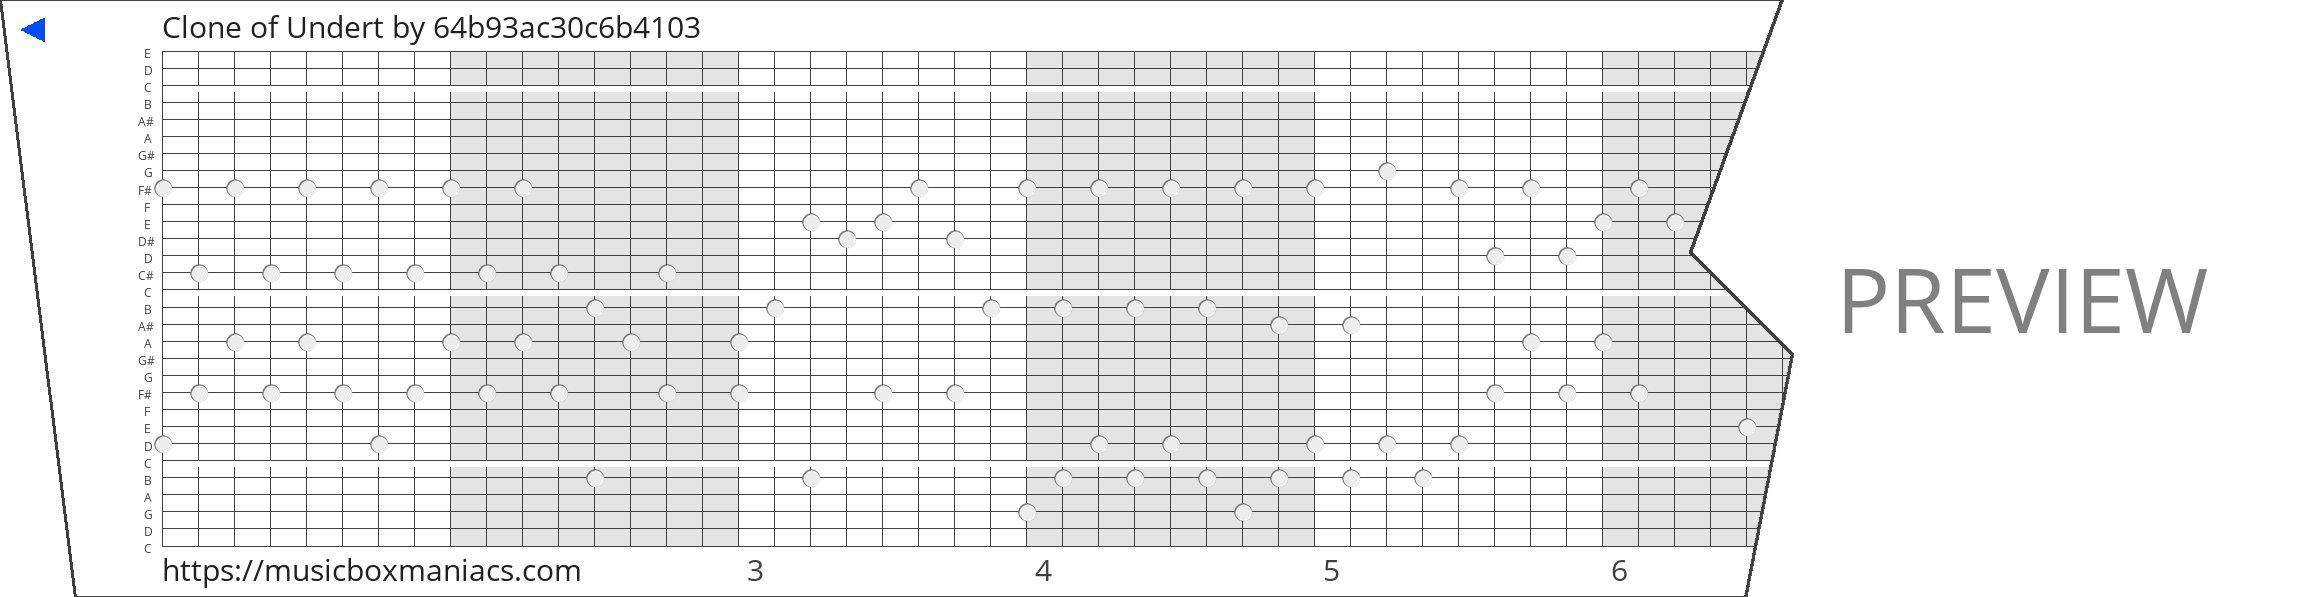 Clone of Undert 30 note music box paper strip